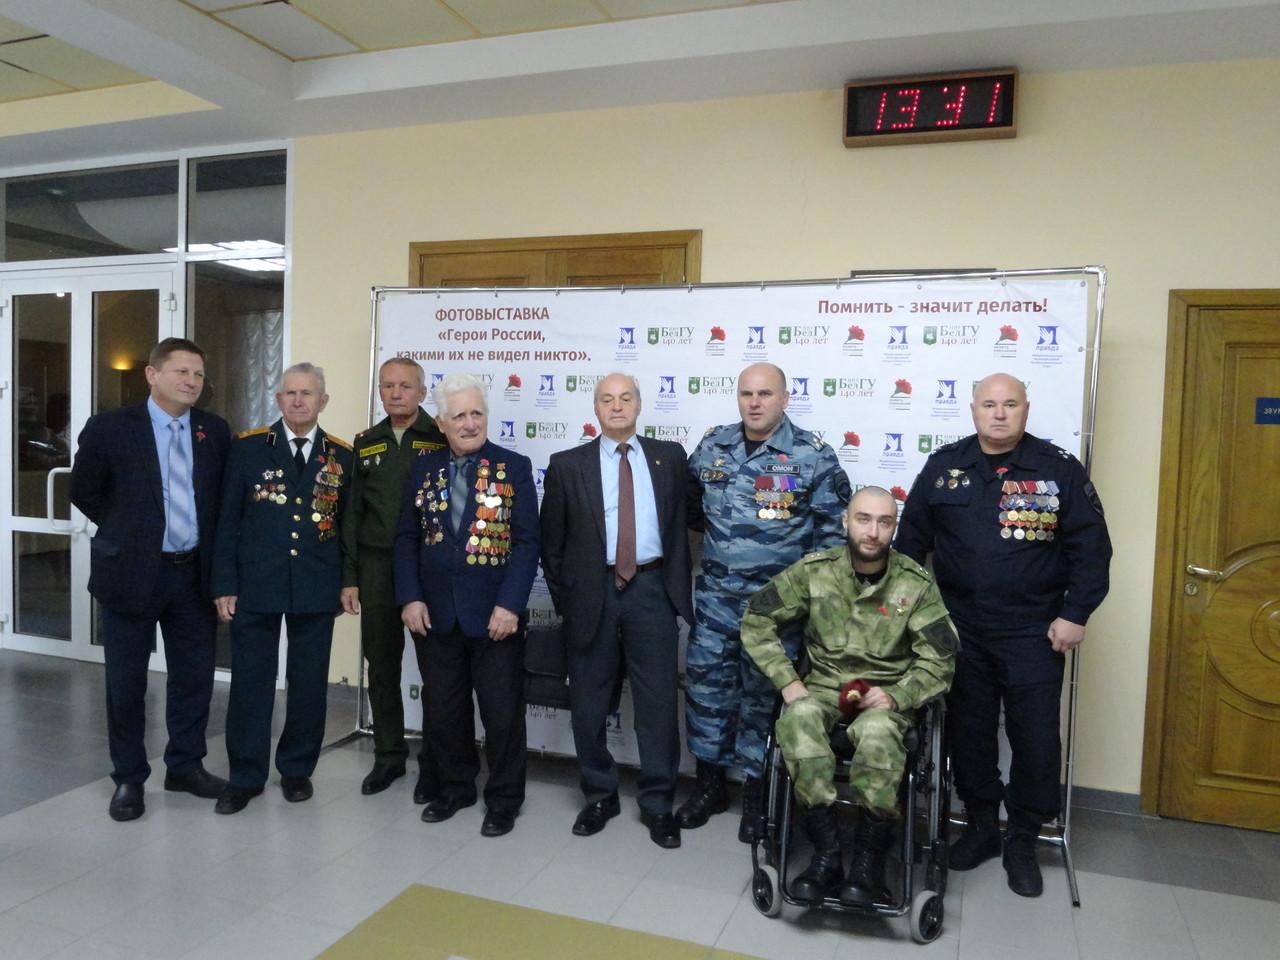 Открытие фотовыставки «Герои России, какими их не видел никто»